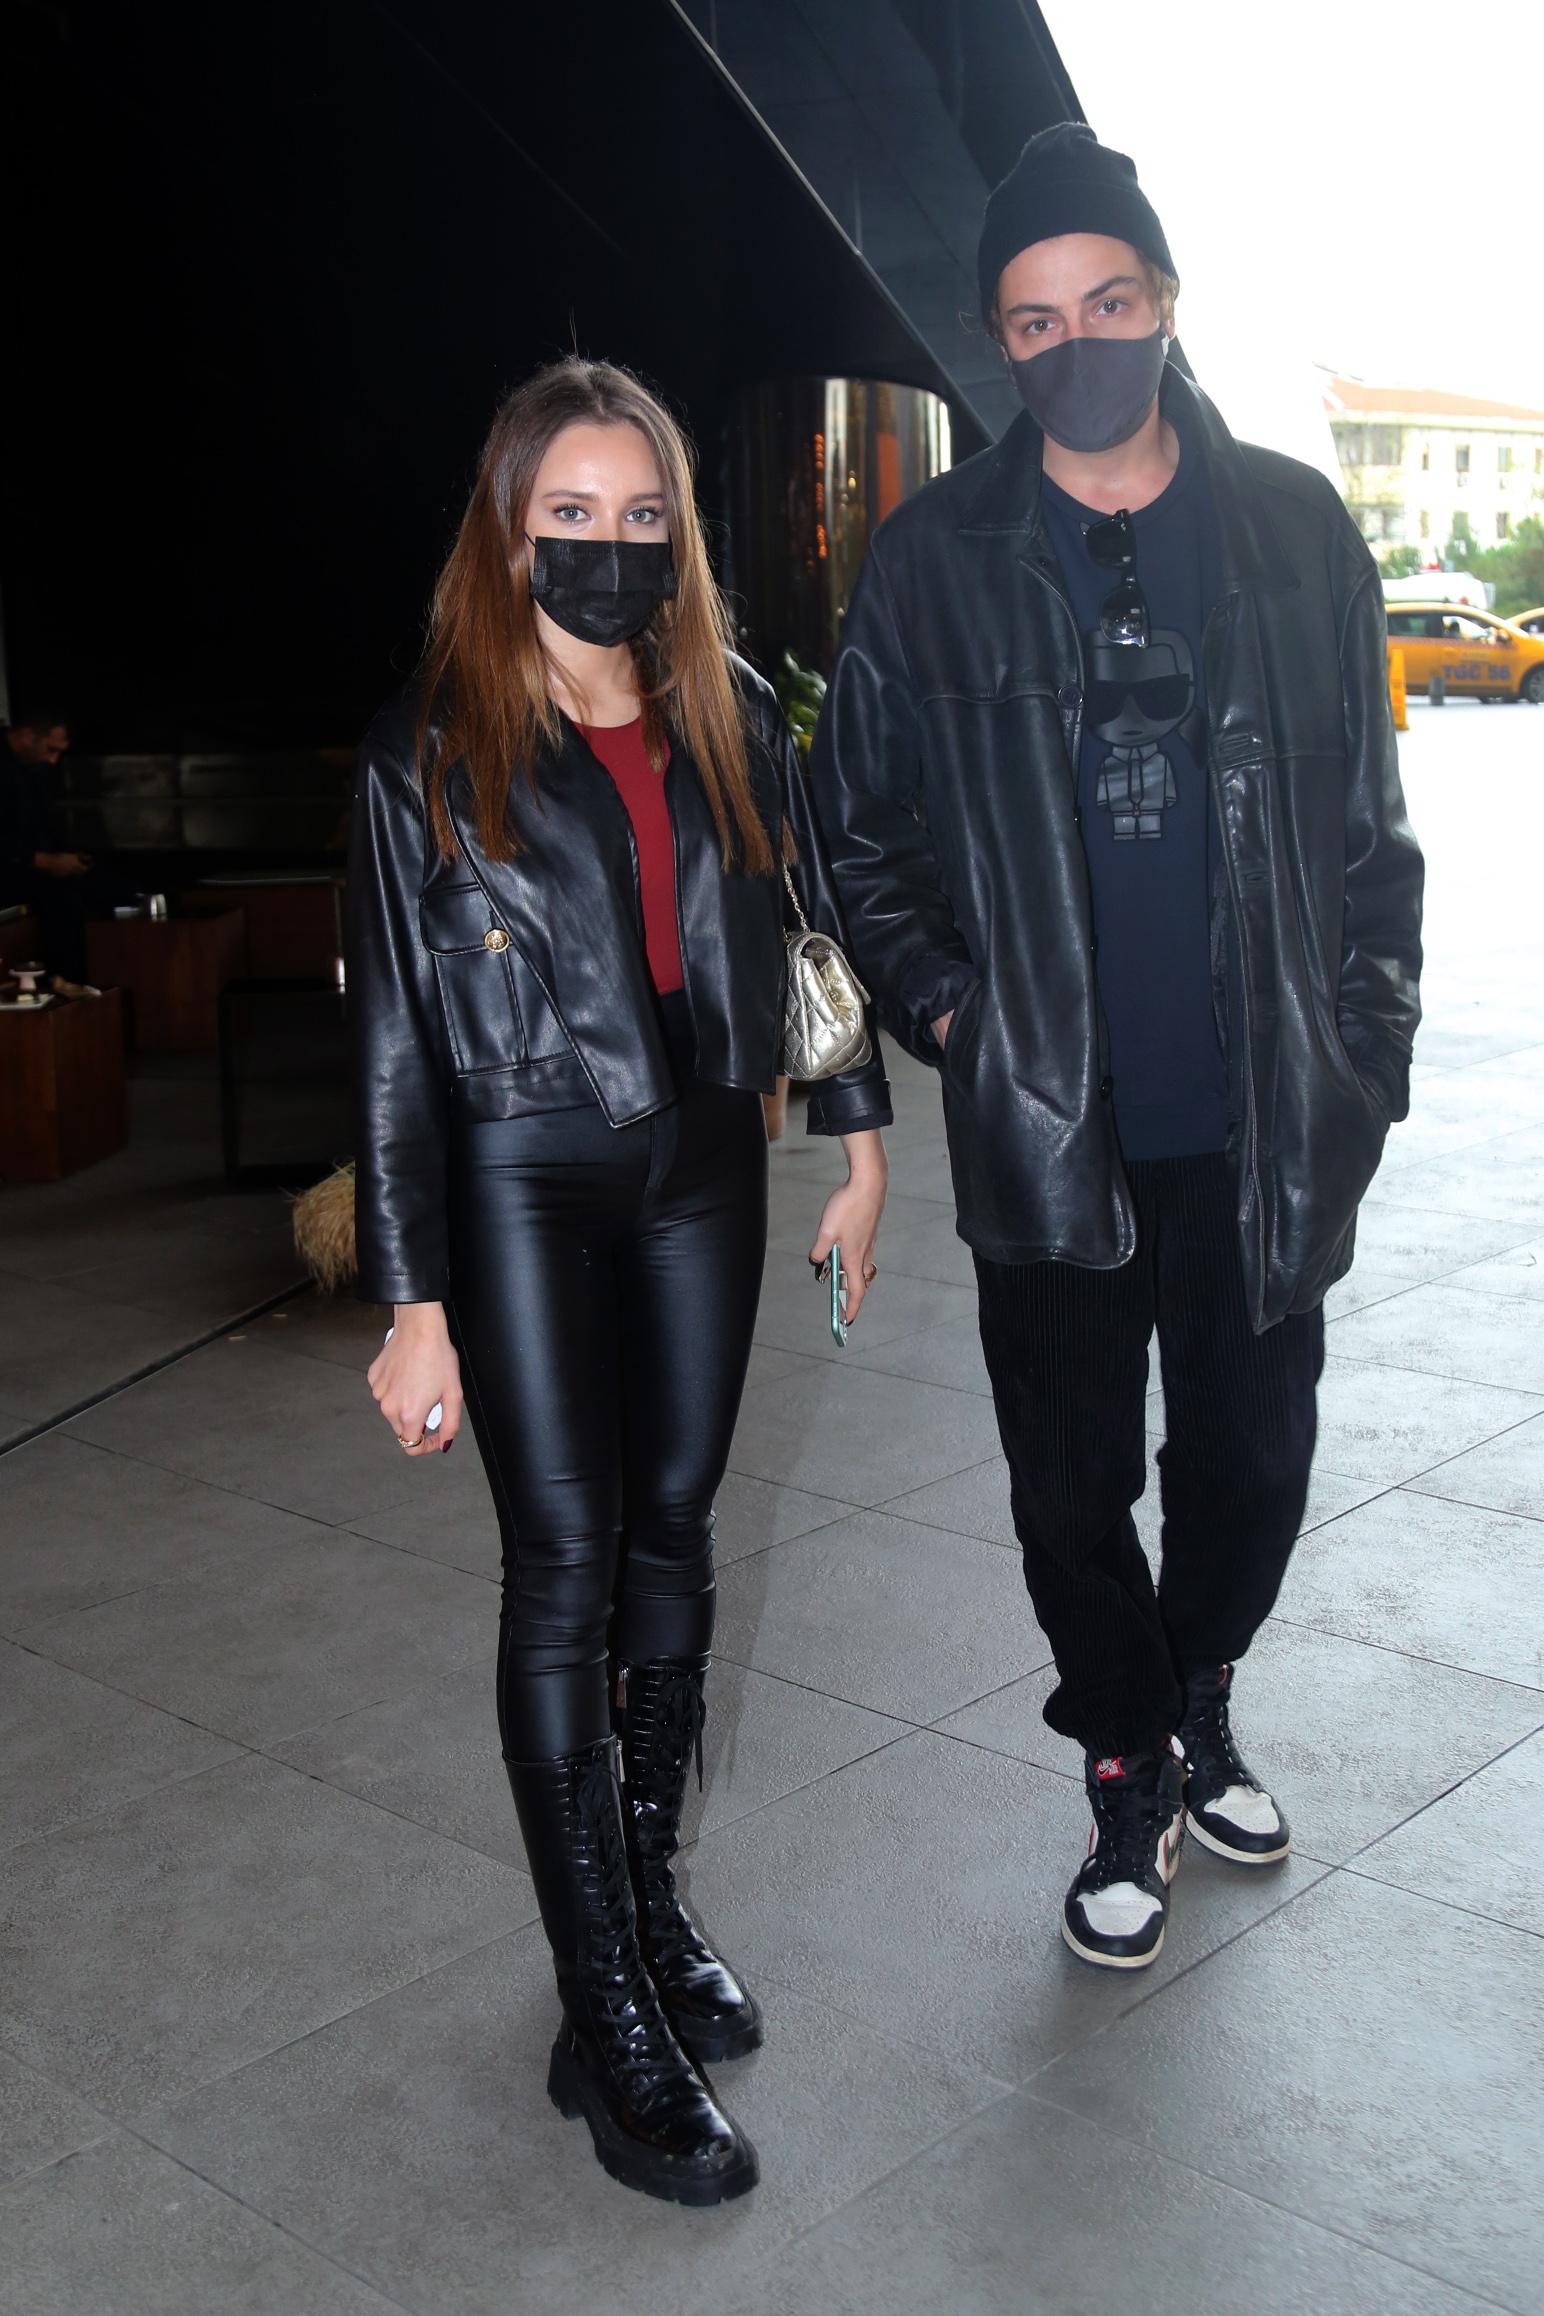 Saygı-Bir Ercüment Çözer oyuncuları Miray Daner ve Boran Kuzum'dan aşk dedikodularına açıklama geldi